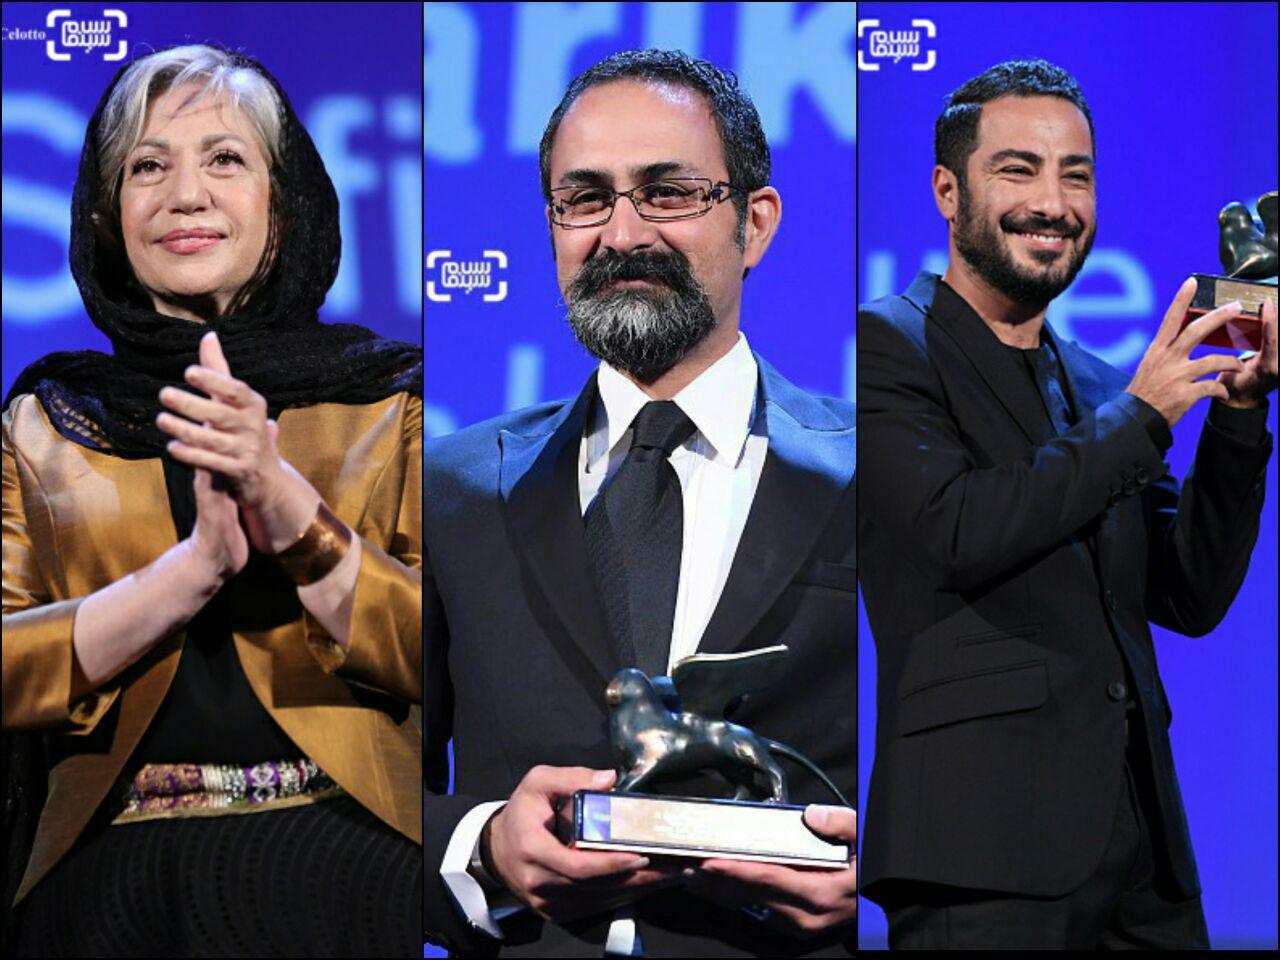 اختتامیه جشنواره ونیز با حضور نوید محمدزاده، رخشان بنی اعتماد و وحید جلیلوند/ گزارش تصویری